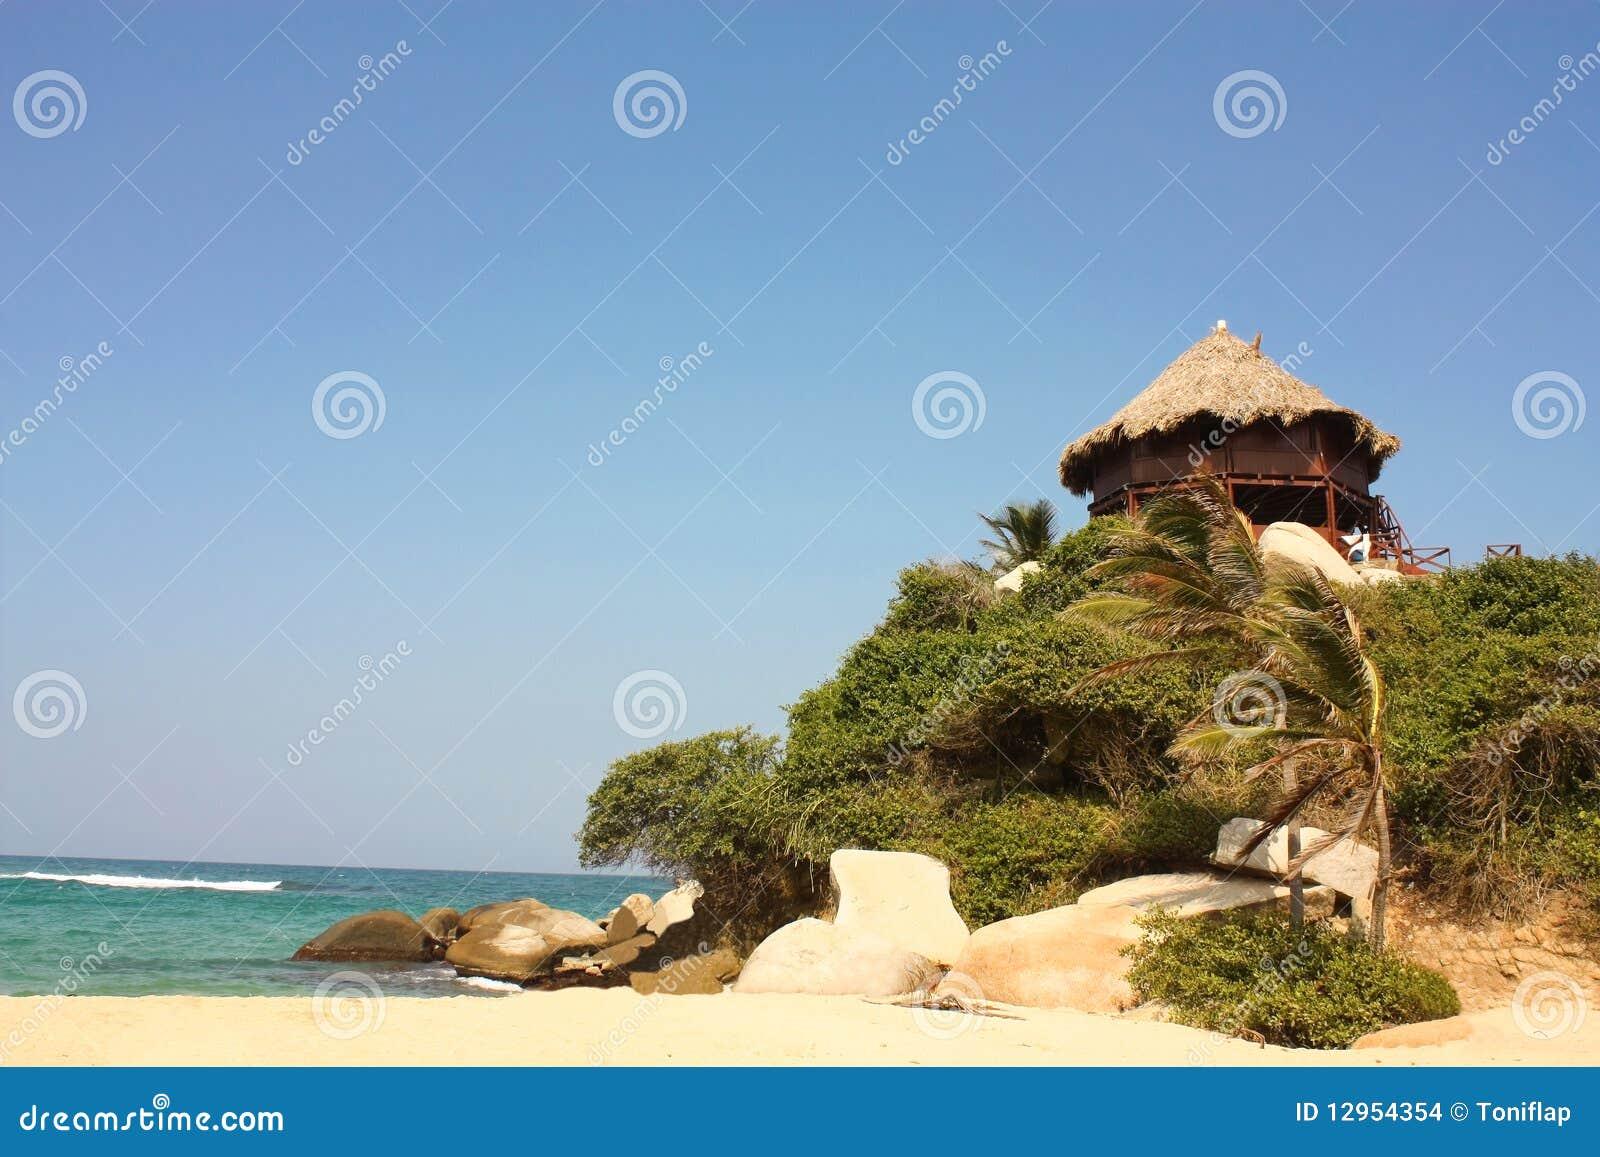 Choza con las hamacas en una playa del caribe colombia imagenes de archivo imagen 12954354 - Fotos de hamacas en la playa ...